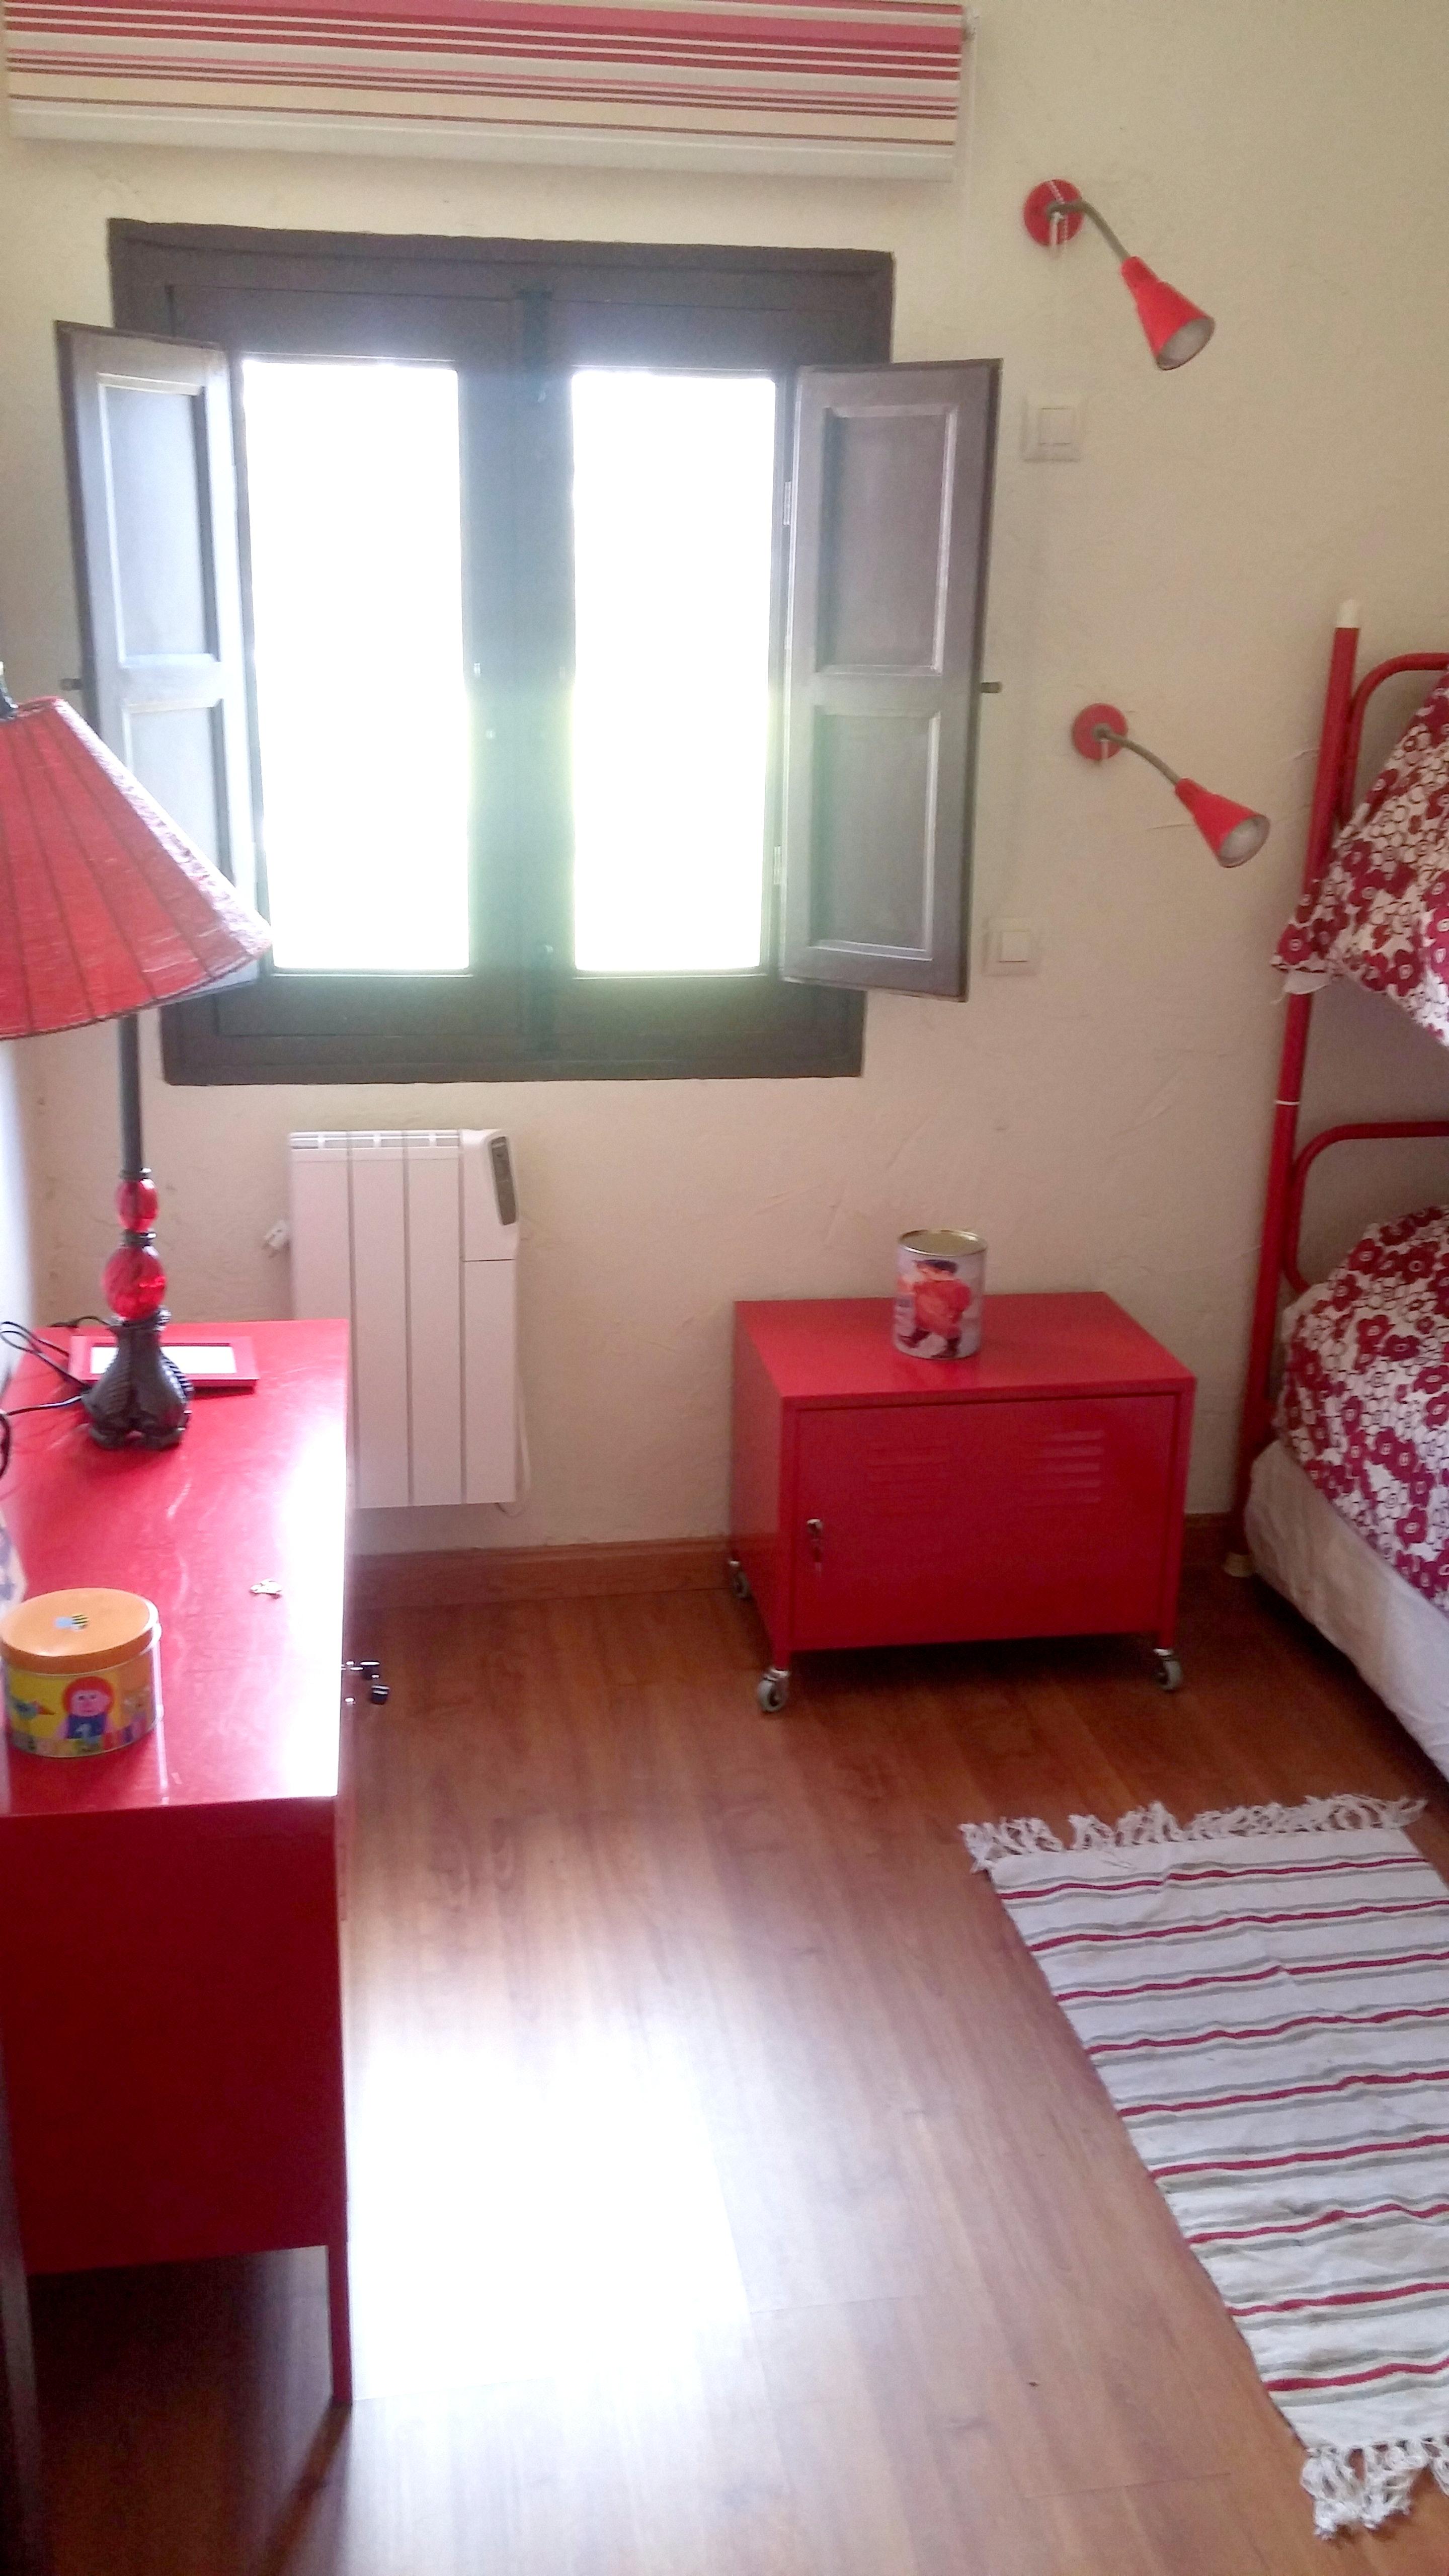 Ferienhaus Haus mit 2 Schlafzimmern in Bernuy mit möbliertem Garten (2202172), Bernuy, Toledo, Kastilien-La Mancha, Spanien, Bild 18